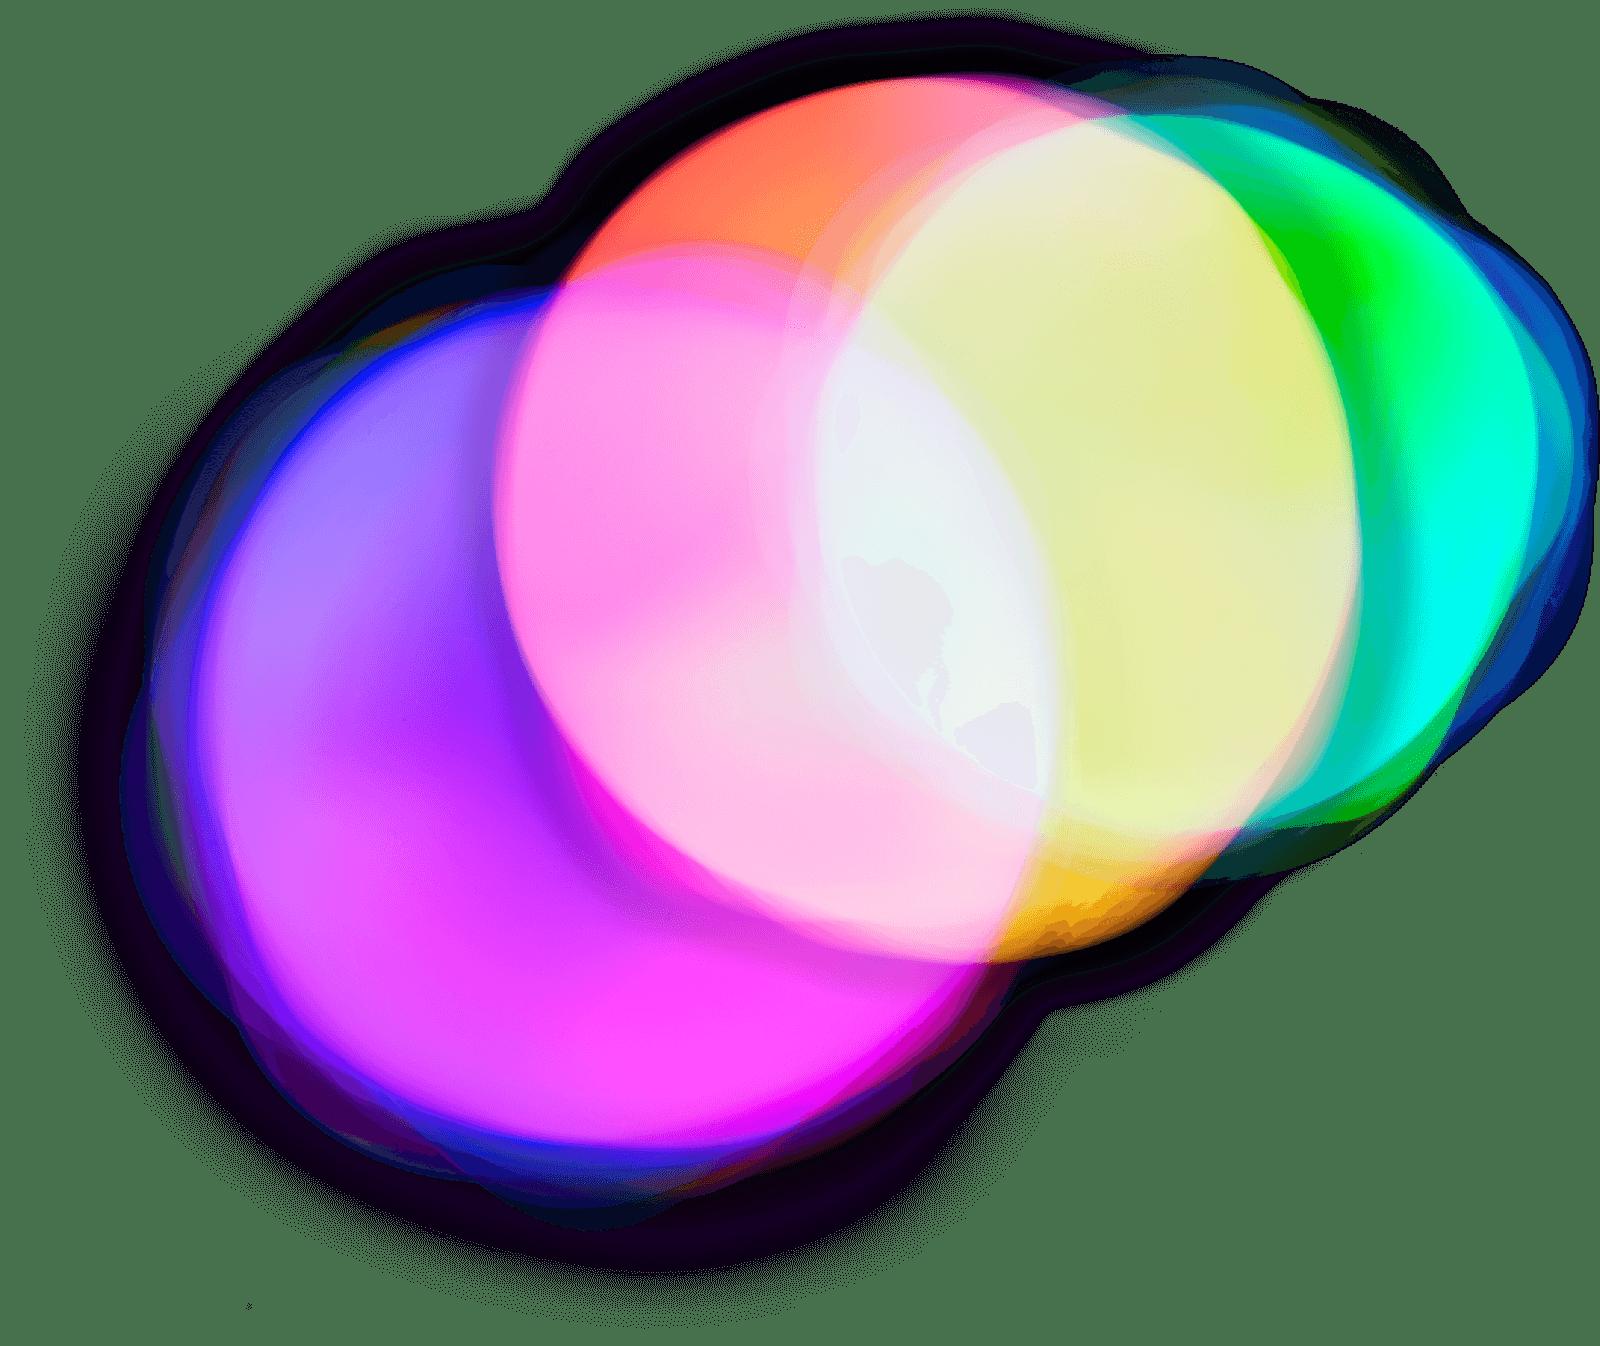 sphere_dark_04_1_1_.png